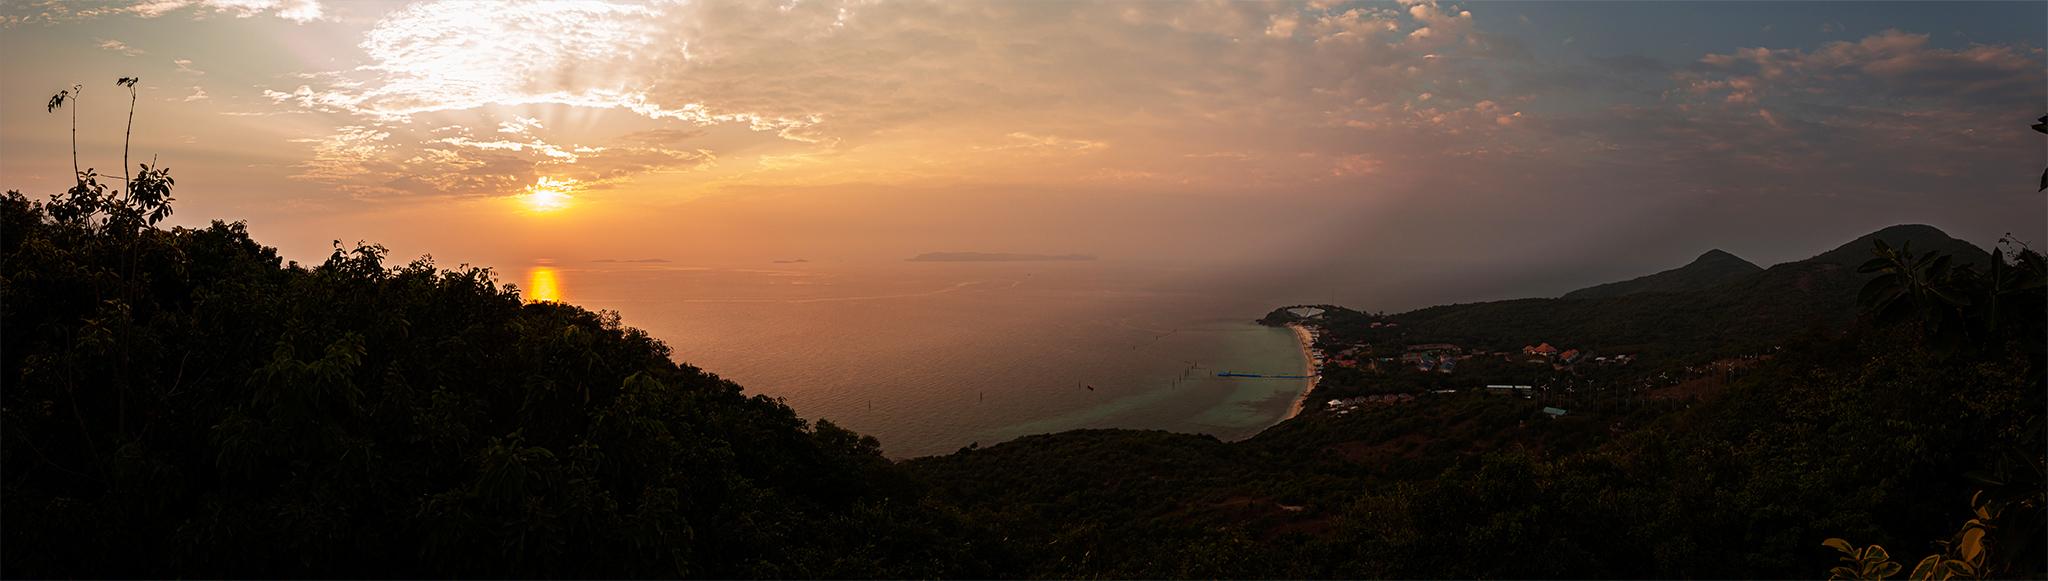 รีวิวเกาะล้าน 2020